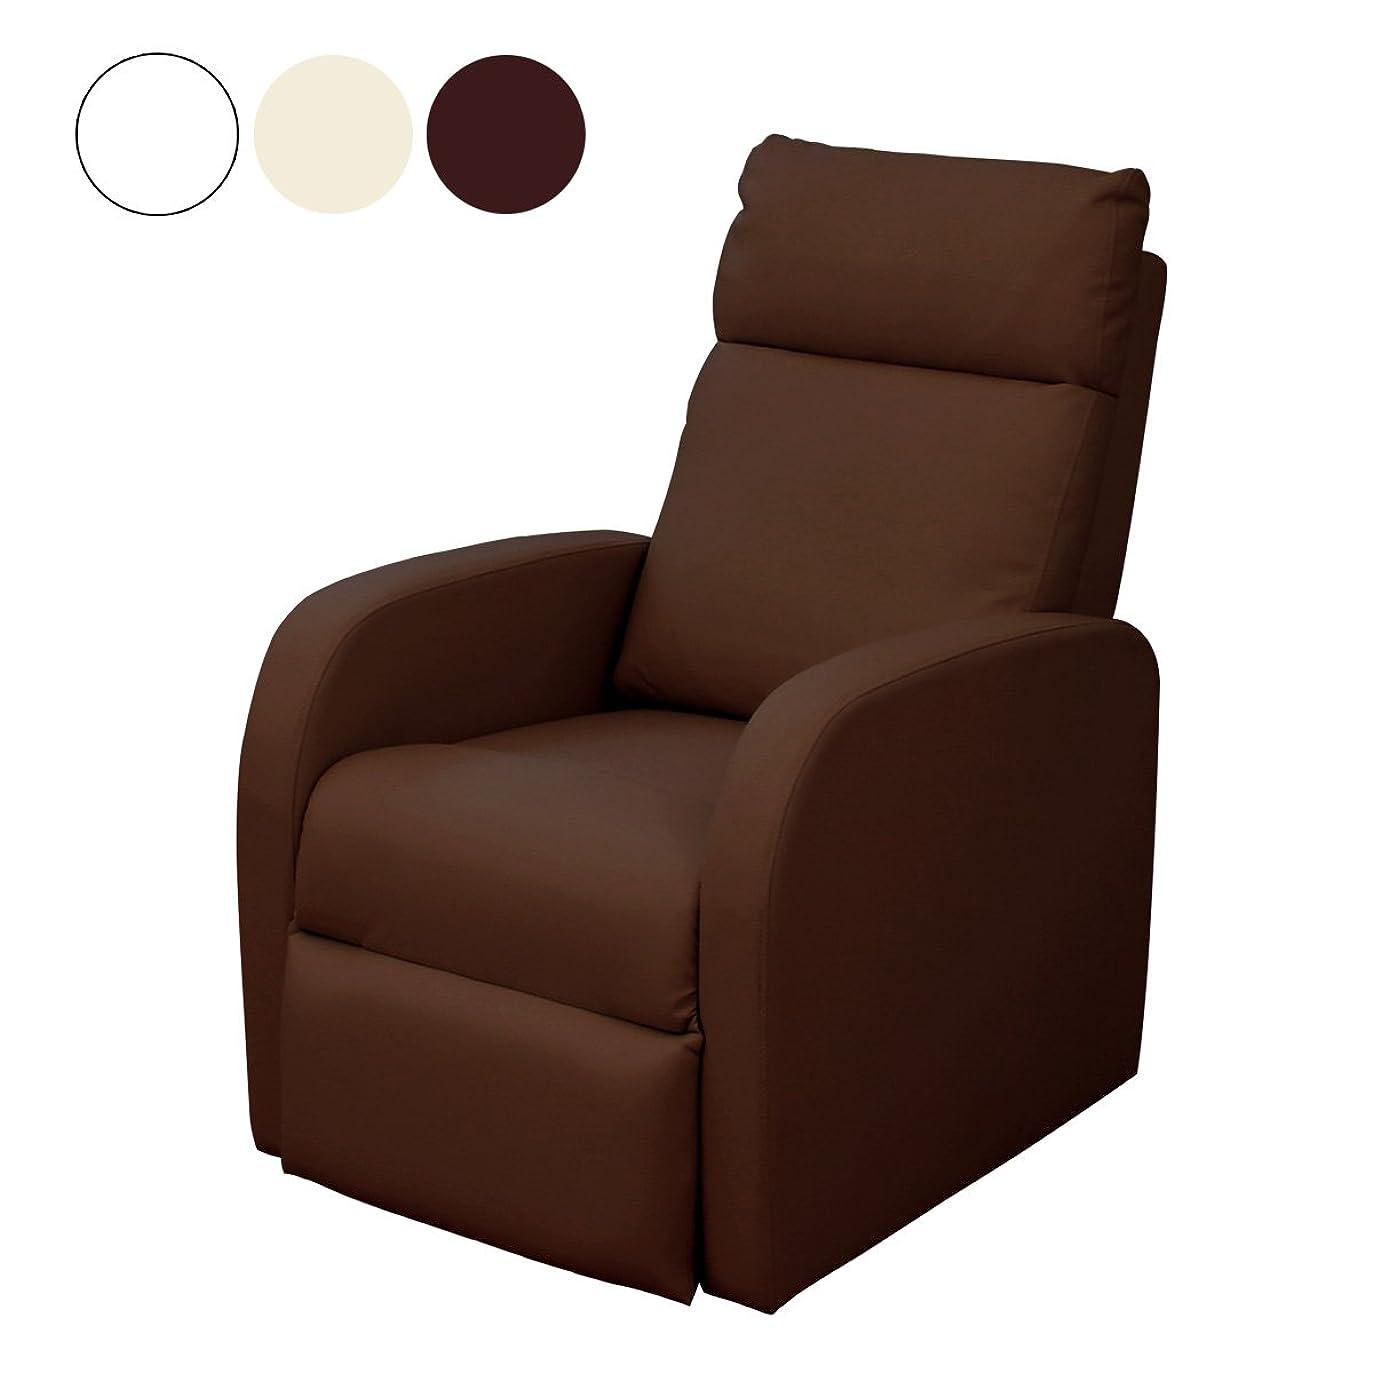 噴出する症候群スカーフ< WORLD LASH > コンパクト リクライニングチェア 全3色 ブラウン [ リクライニングソファ リラックスチェア ネイルチェア リクライニング ソファ ソファー イス 椅子 チェア チェアー 1人掛け オットマン付き オットマン 一体型 ]